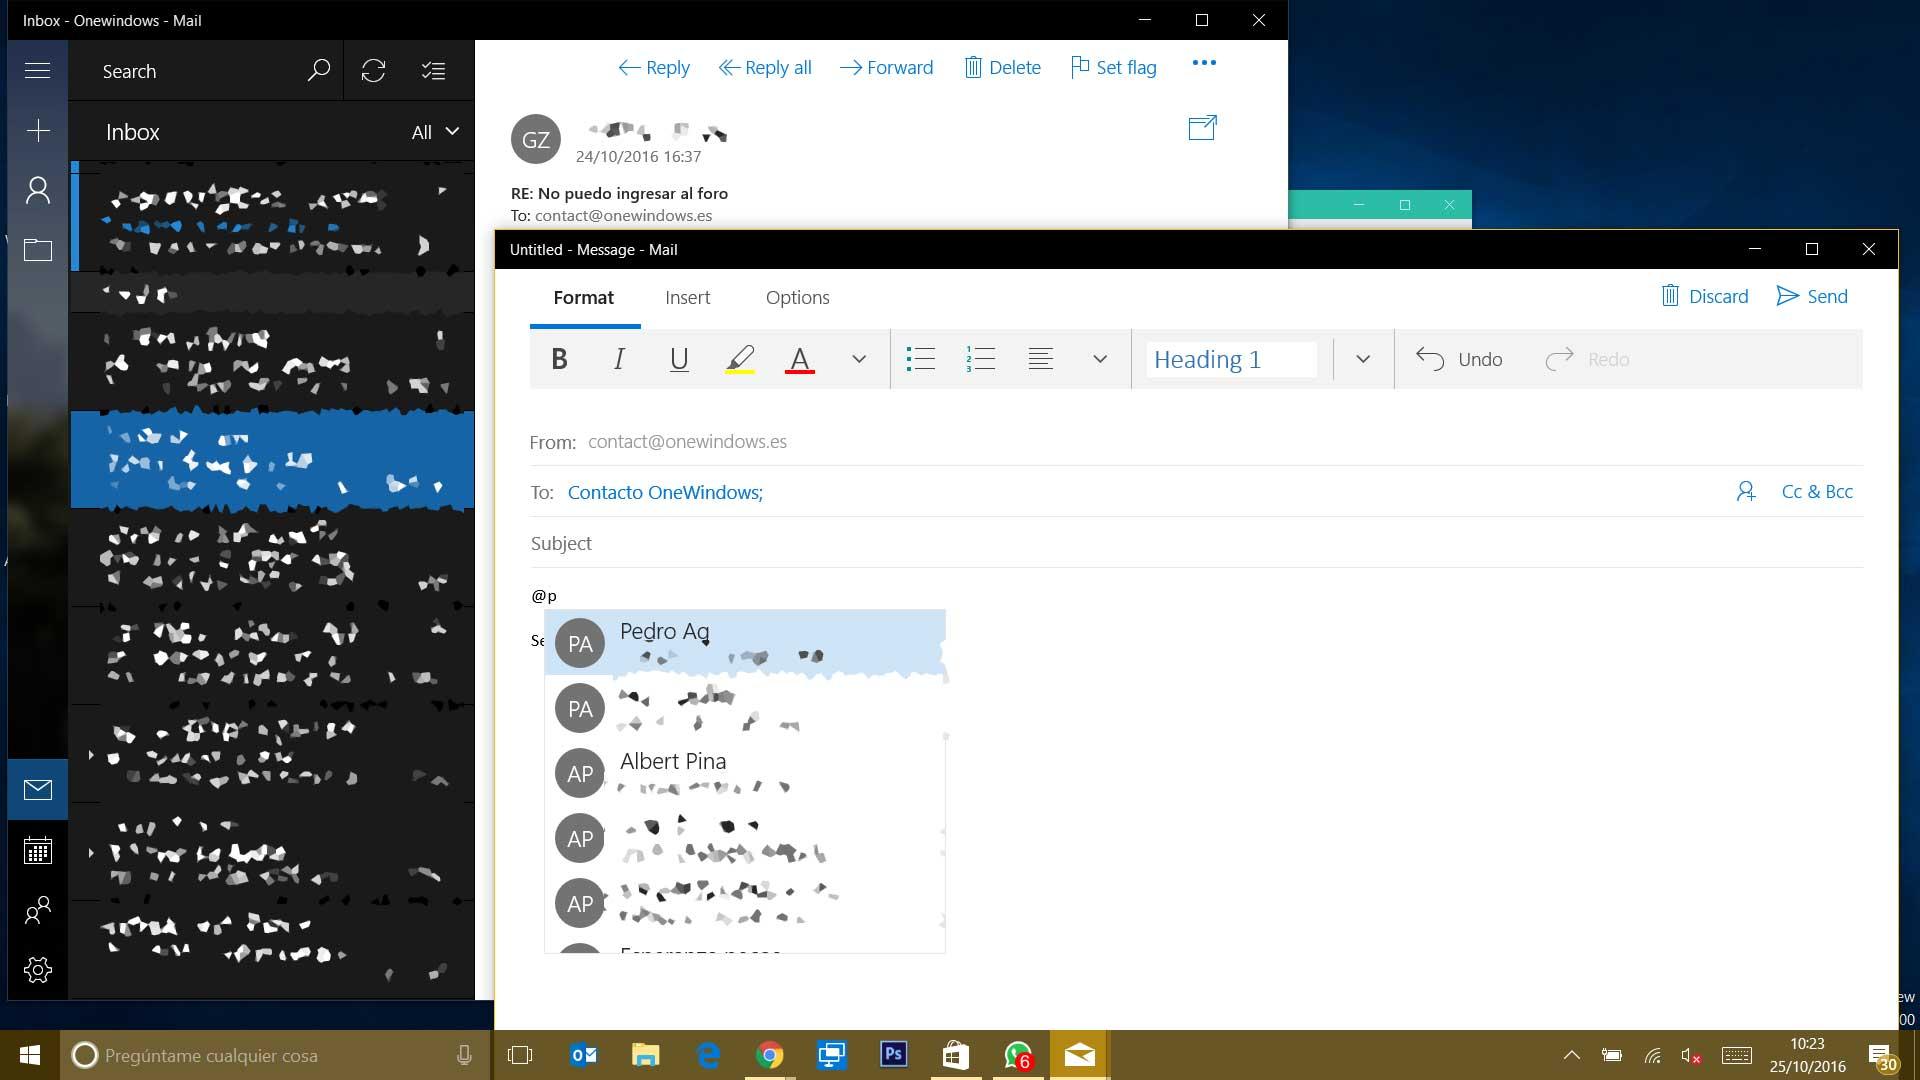 notificacions-correo-windows-10